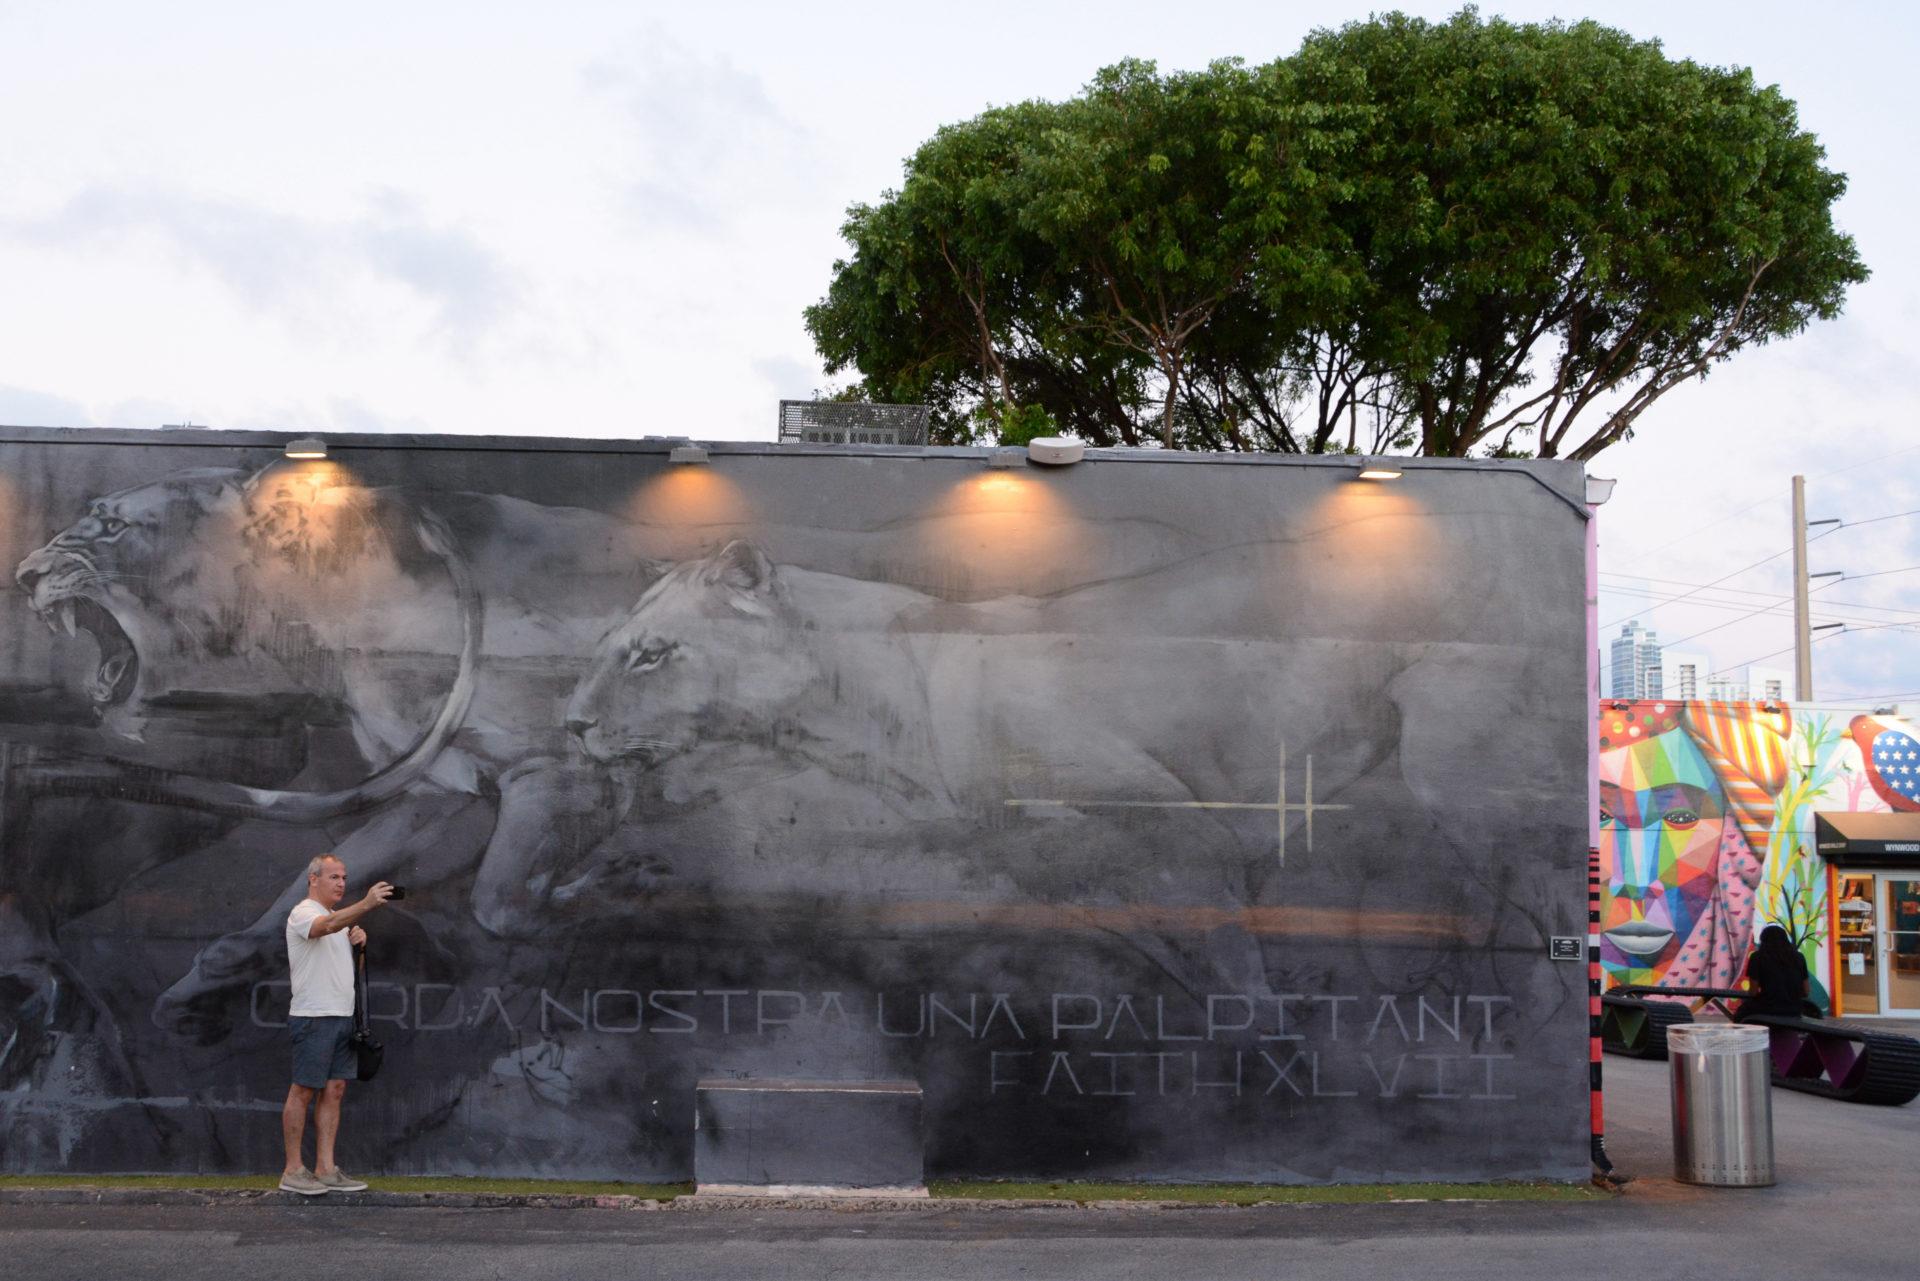 Mann macht Selfie vor Löwen-Mural in Wynwood, Miami